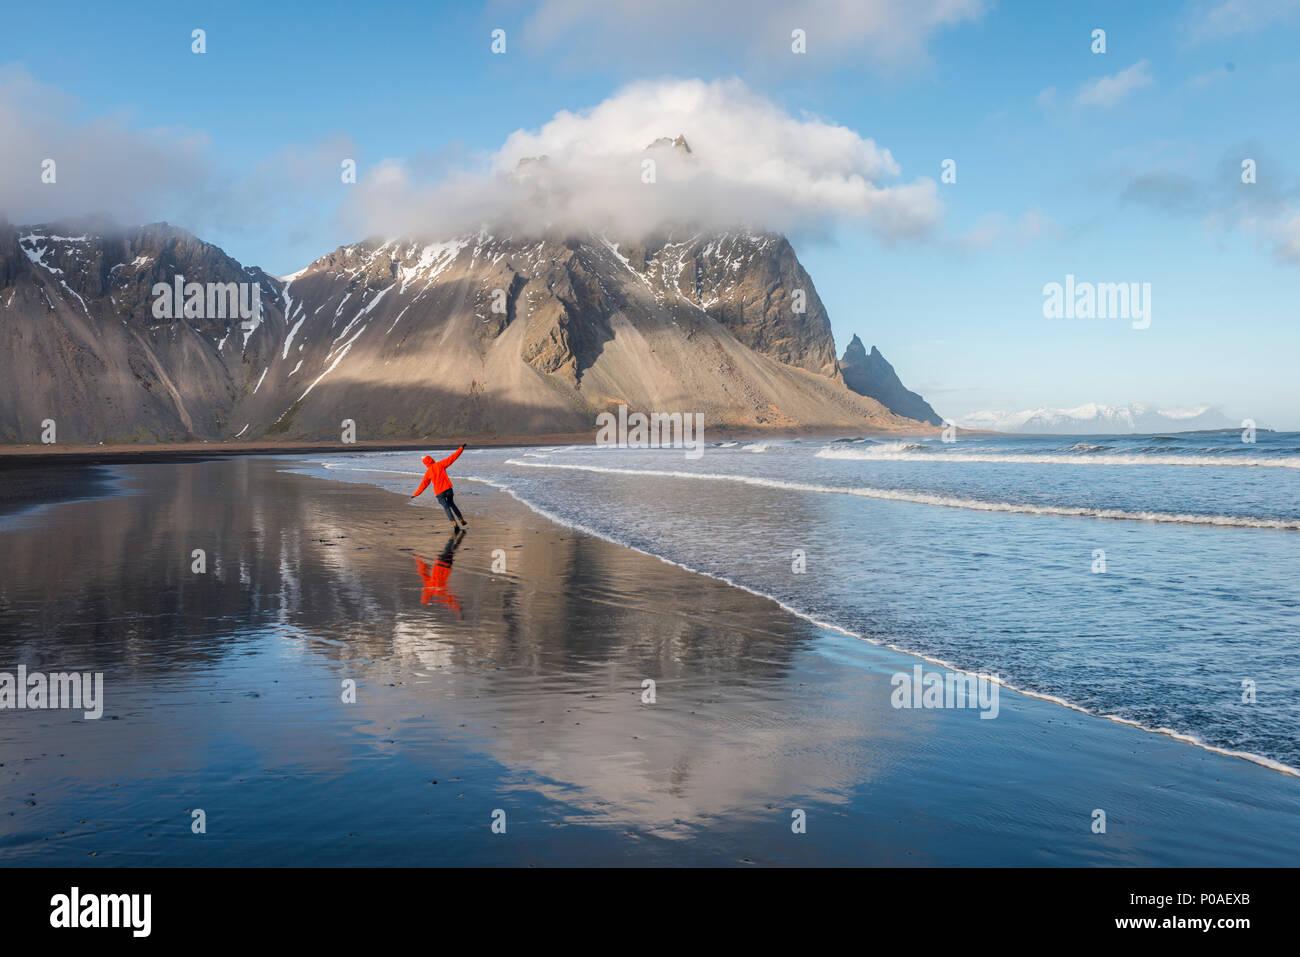 L'homme s'exécute dans la bonne humeur sur une plage de sable noir, montagnes, Klifatindur Kambhorn Eystrahorn, pointe Stokksnes et Photo Stock